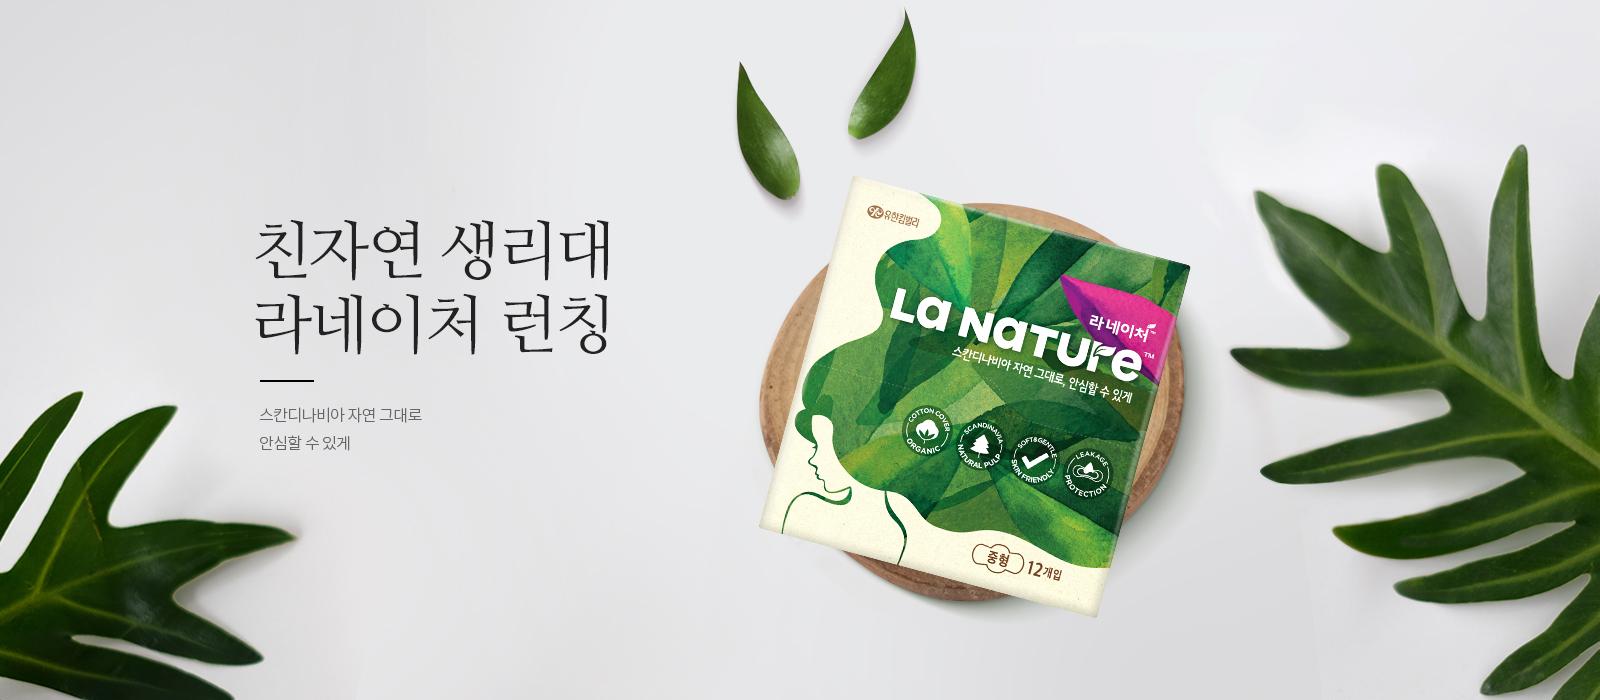 친자연 생리대 라네이처 런칭